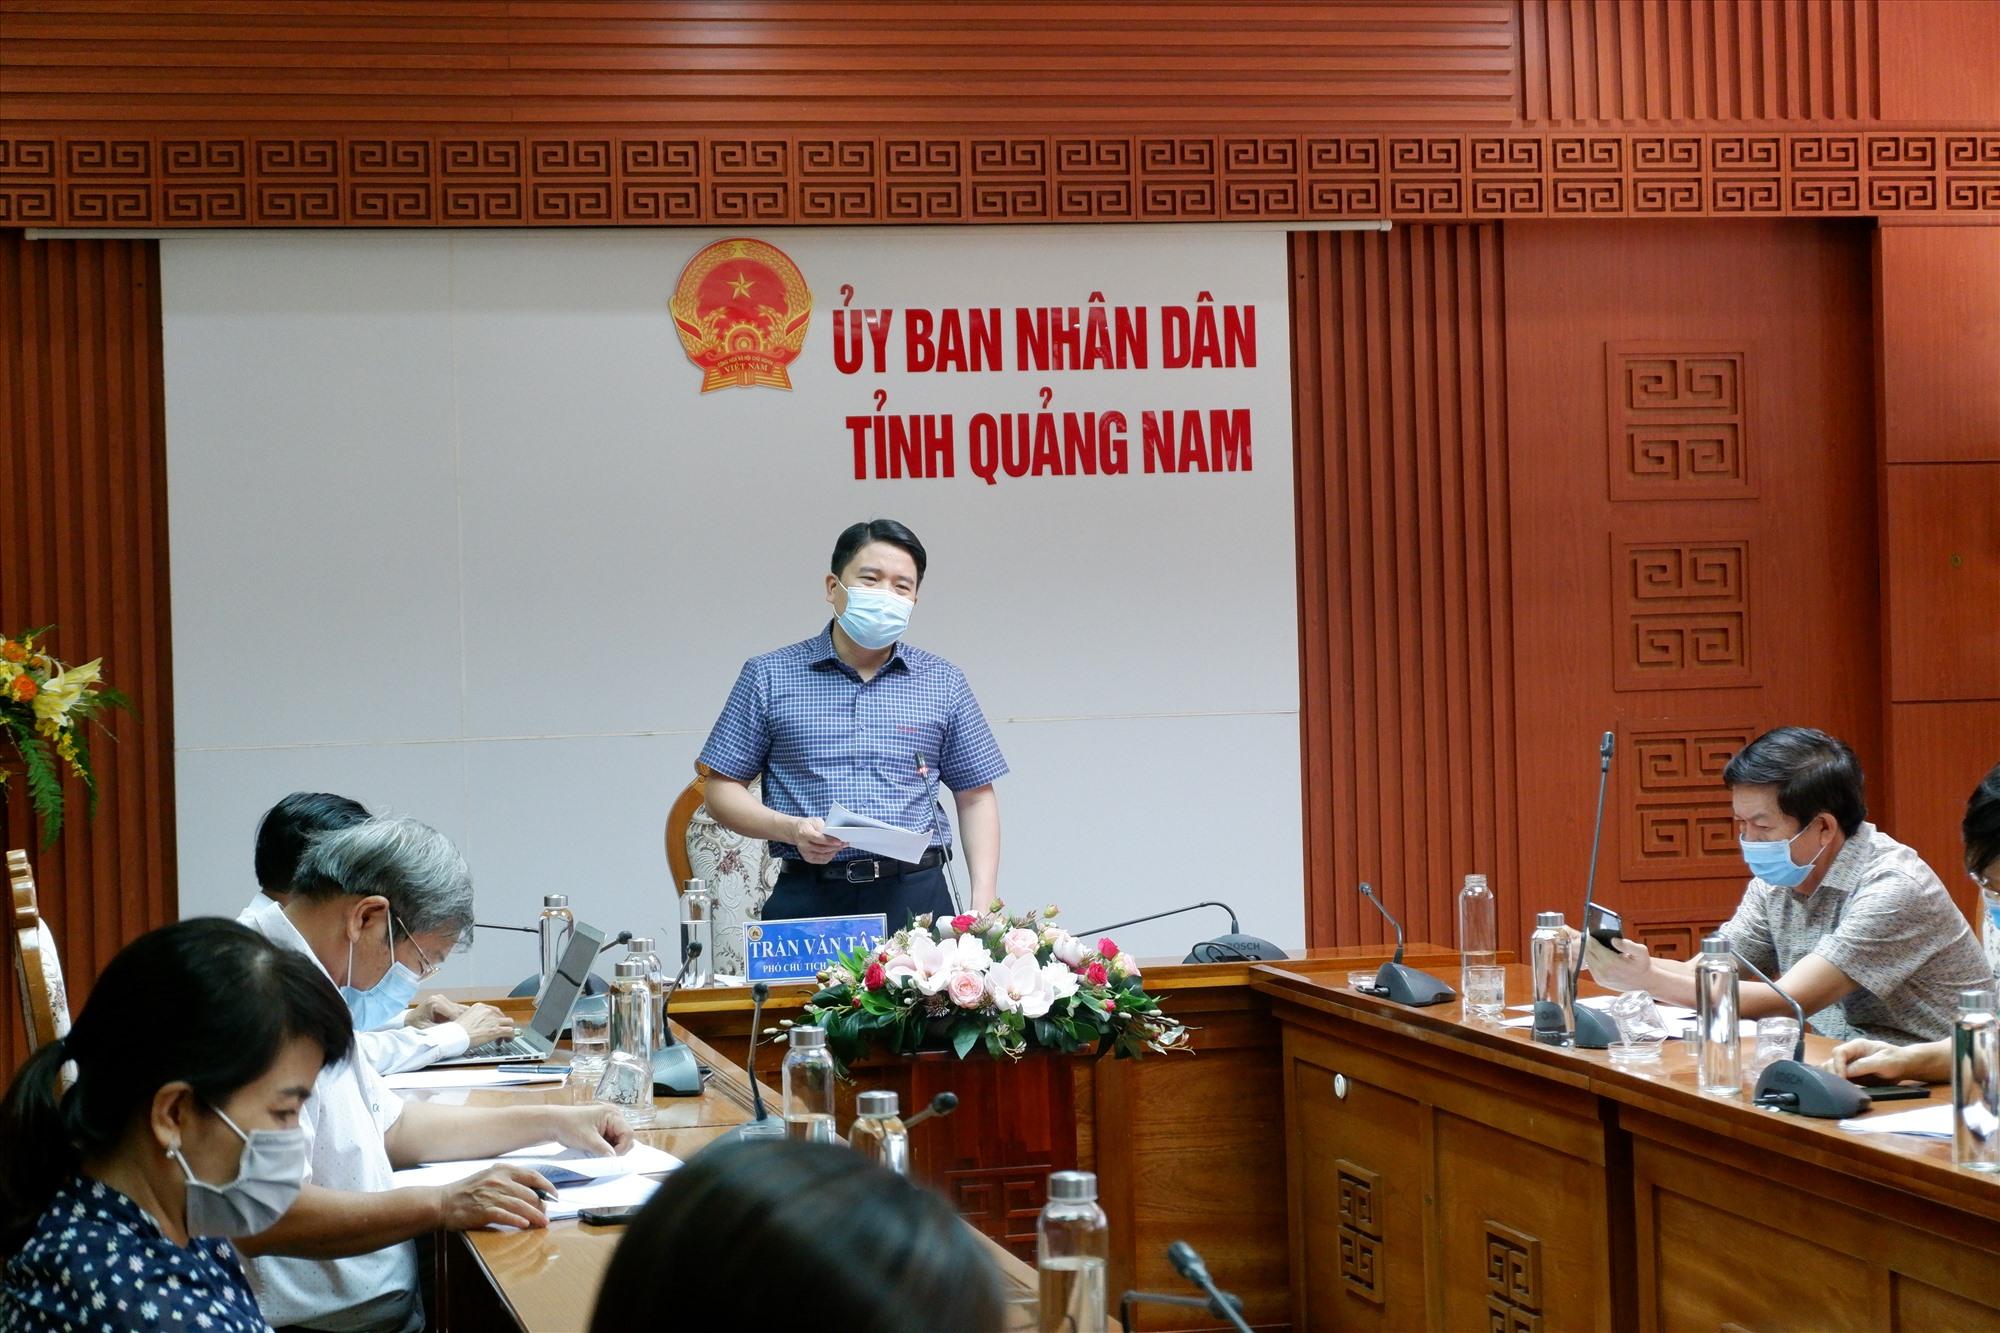 Phó Chủ tịch UBND tỉnh Trần Văn Tân chủ trì cuộc làm việc chiều ngày 4.6. Ảnh: X.H